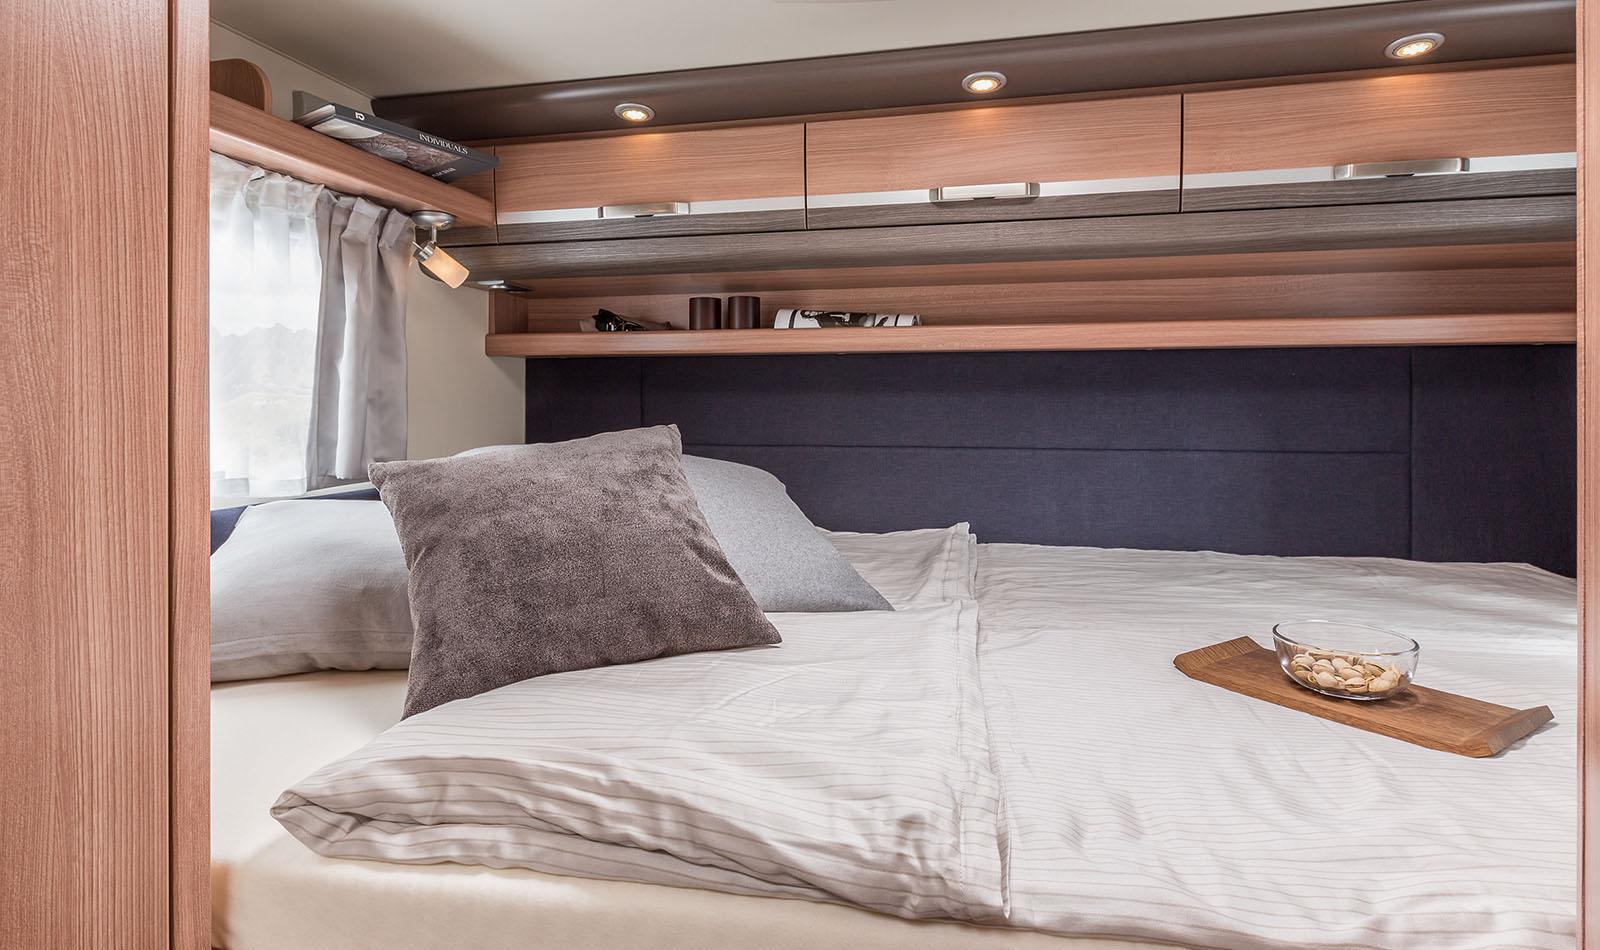 das Doppelbett hinten mit ausreichenden Stauschränken